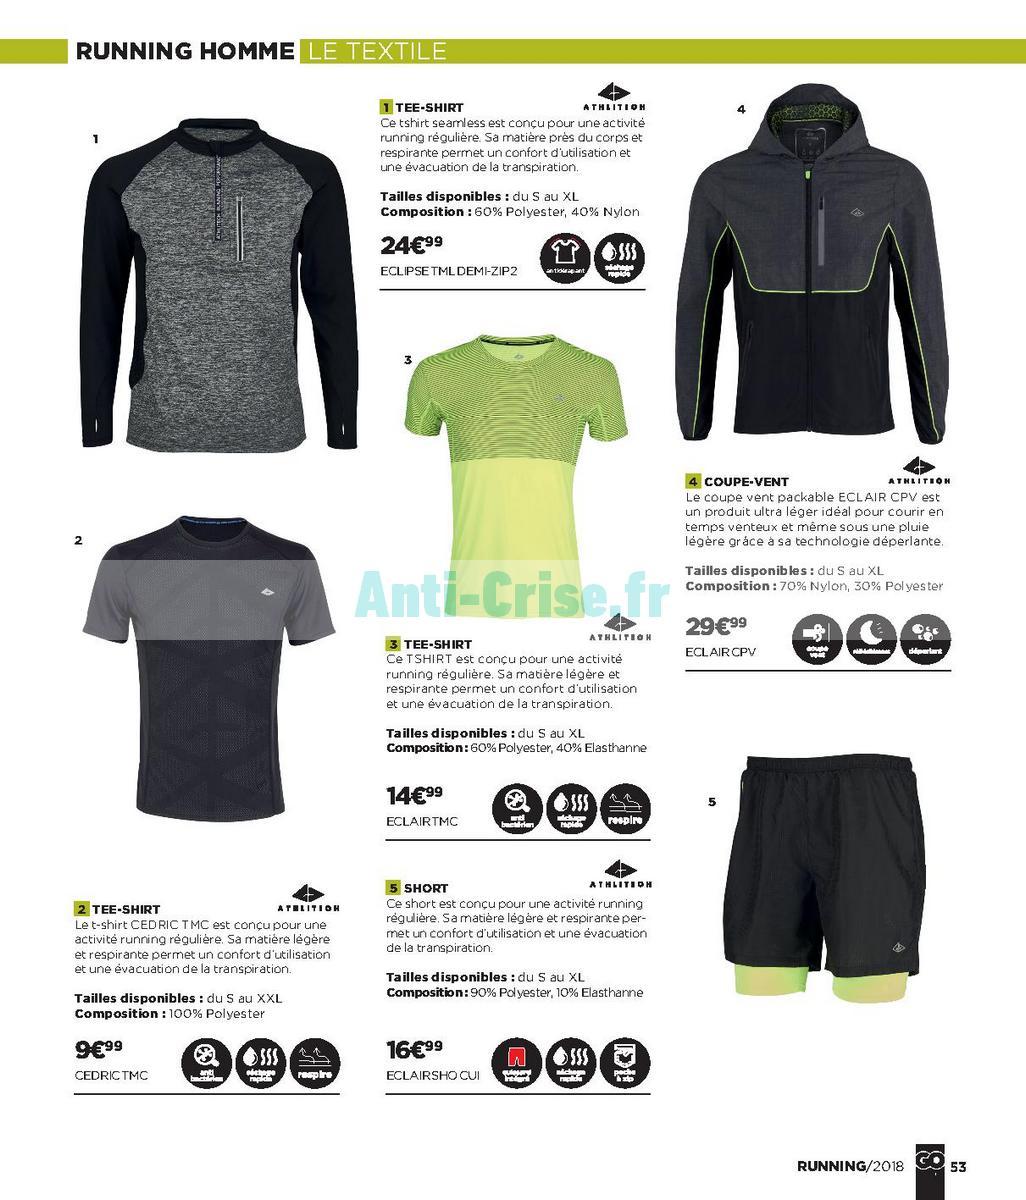 septembre2018 Catalogue Go Sport du 28 avril au 21 septembre 2018 (Running) (53)